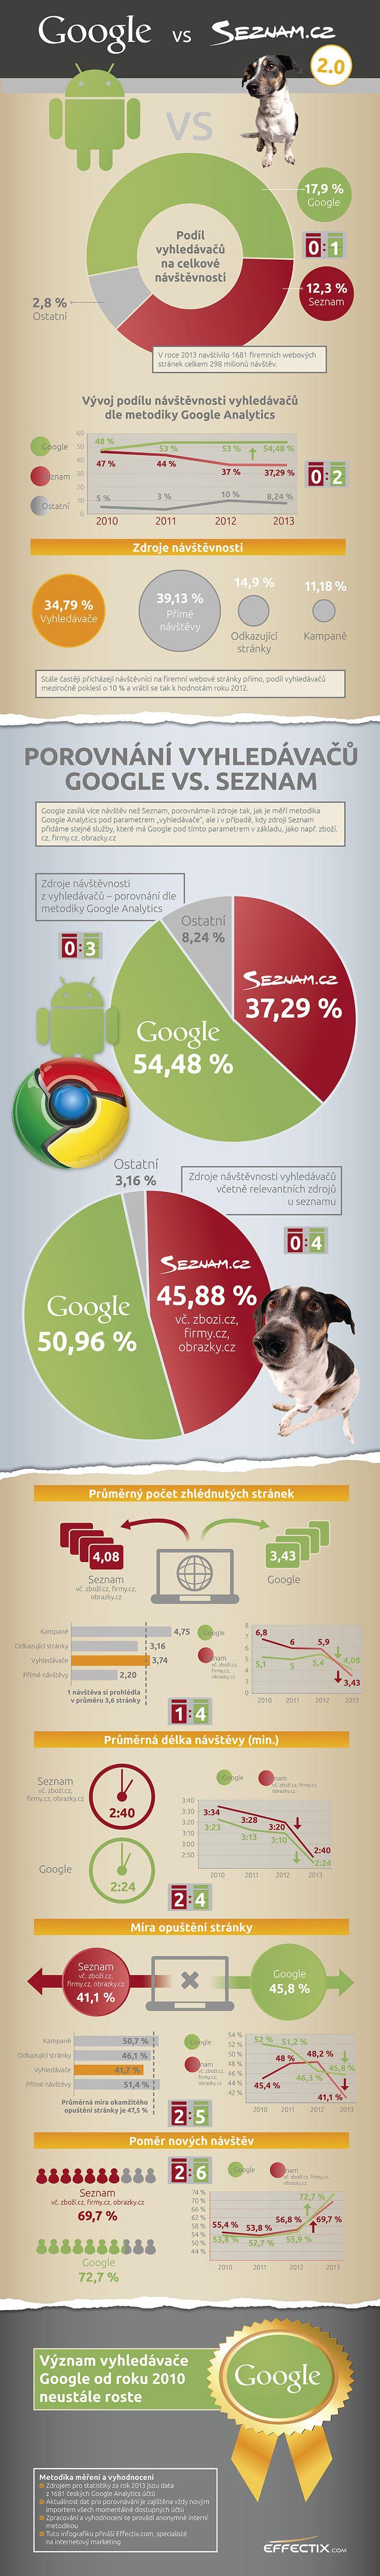 Infografika: V českém vyhledávání opět posílil Google nad Seznamem